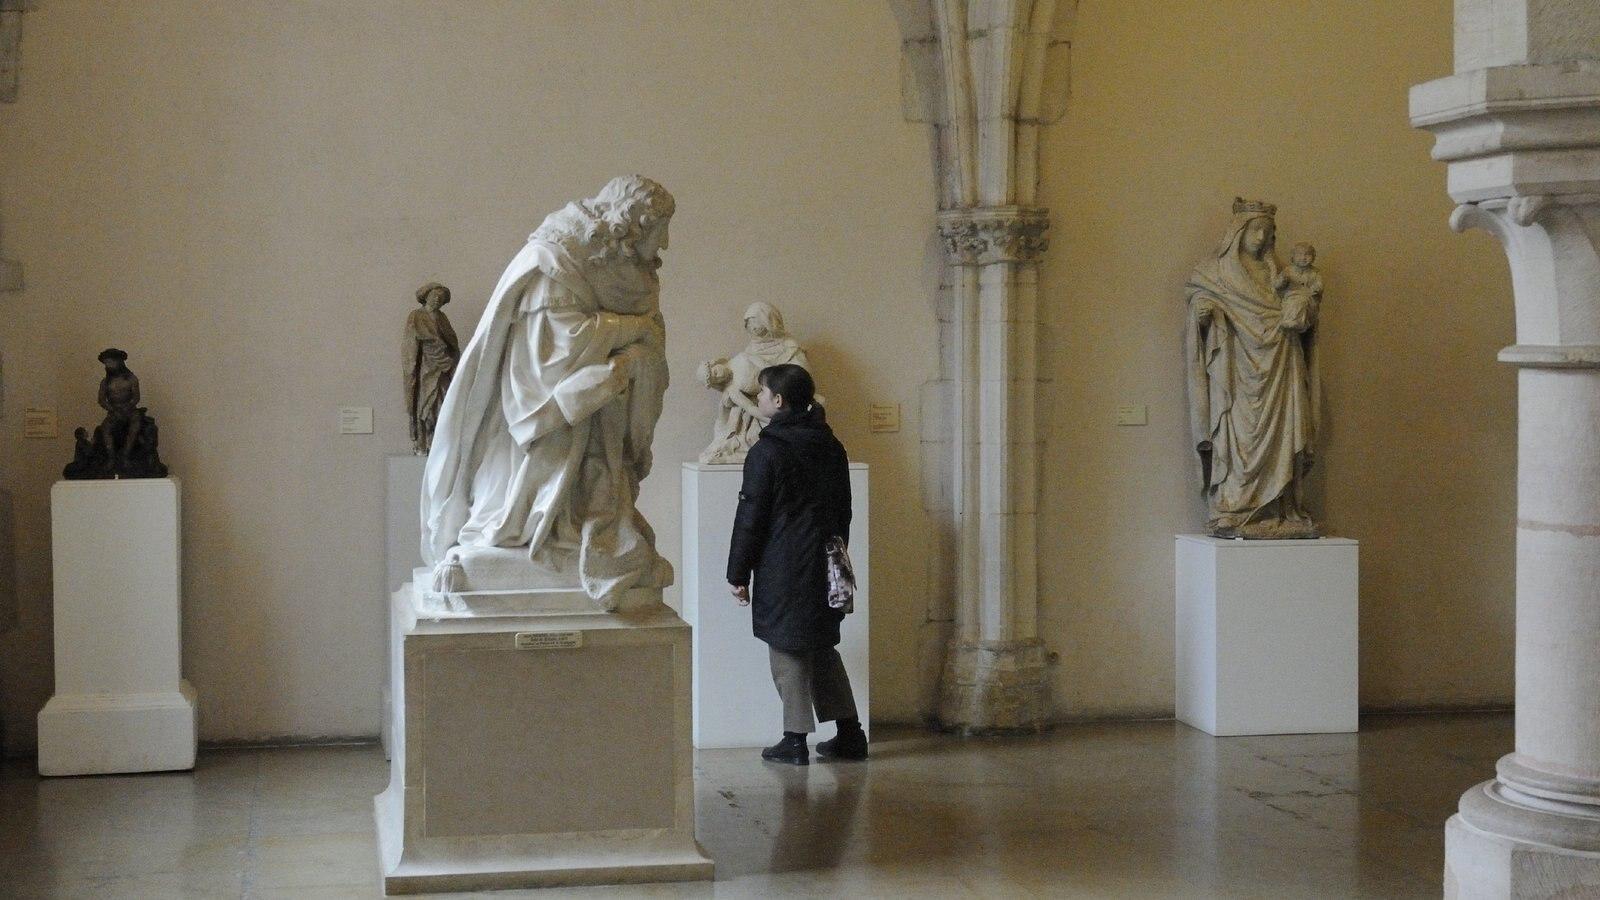 Dijon caracterizando uma estátua ou escultura, arte e vistas internas